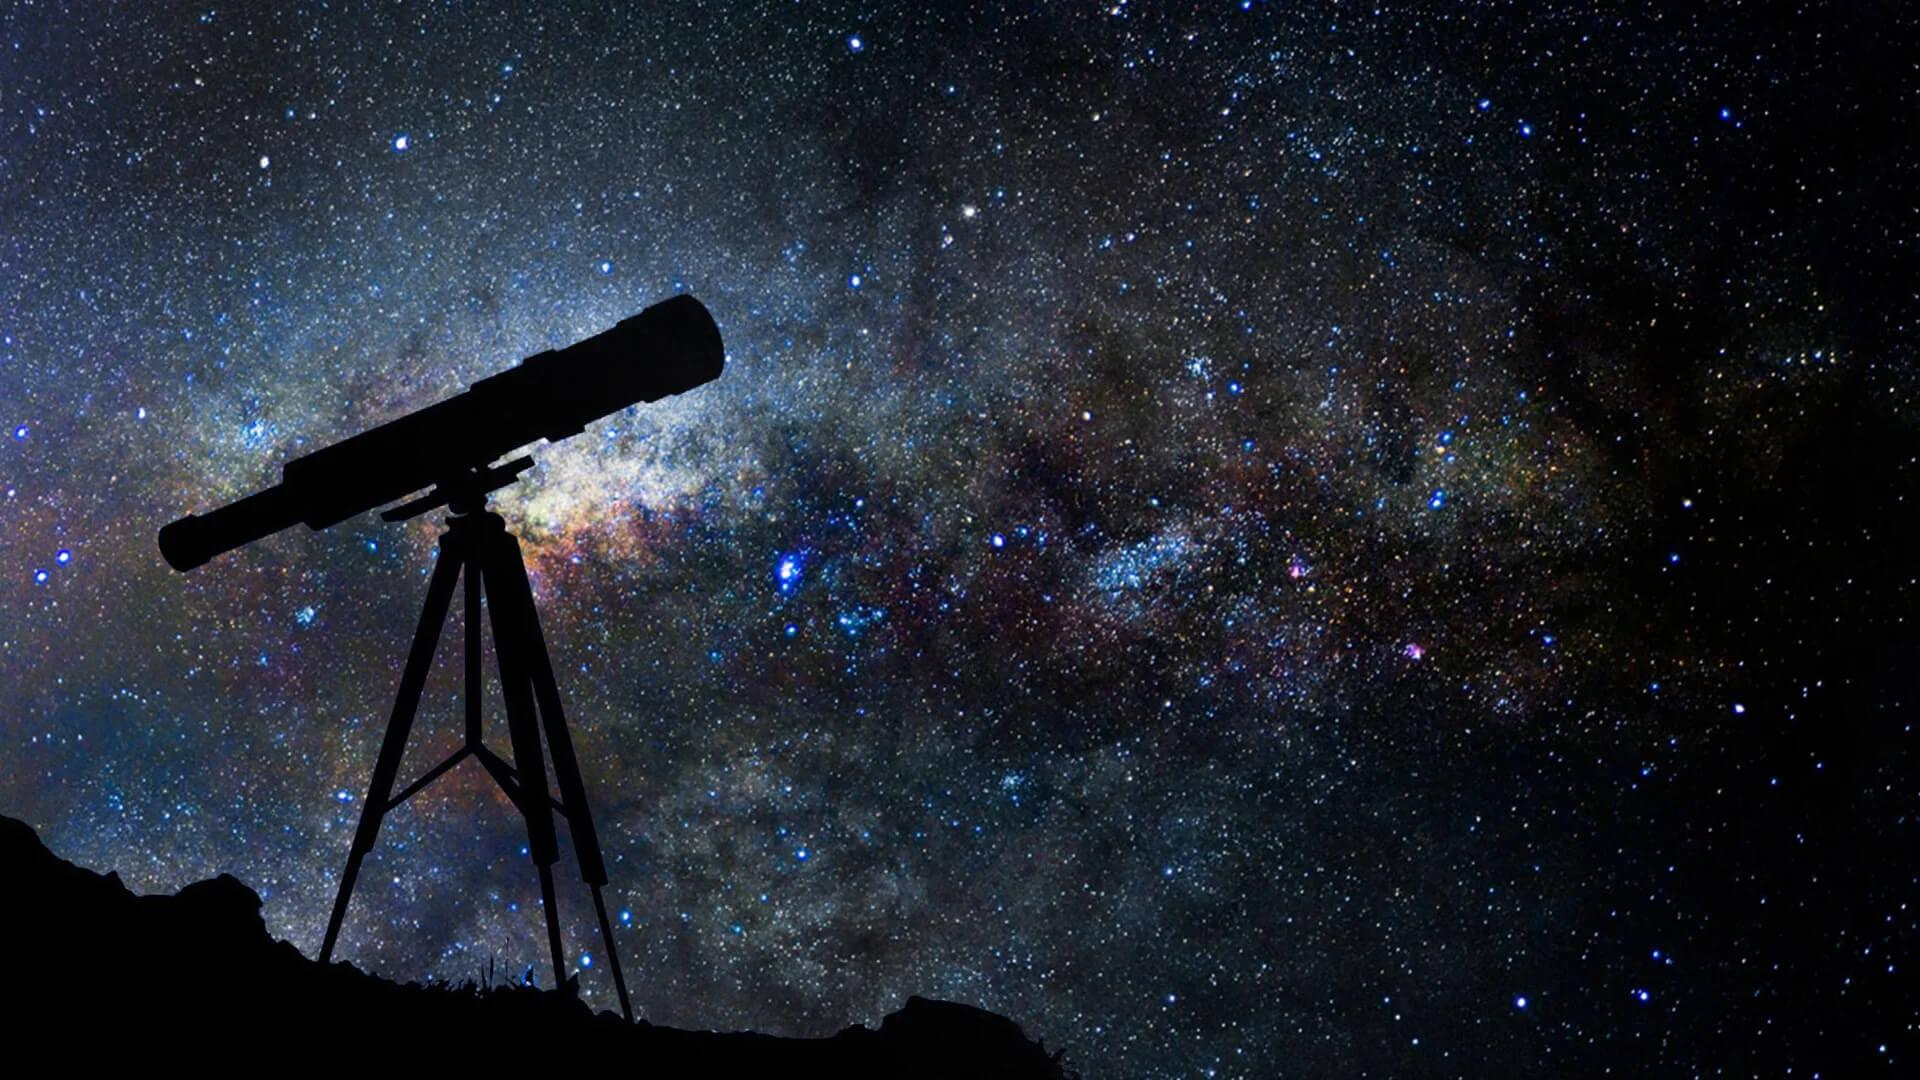 Астрономия. Методические основы педагогической деятельности по проектированию и реализации образовательного процесса в соответствии с ФГОС